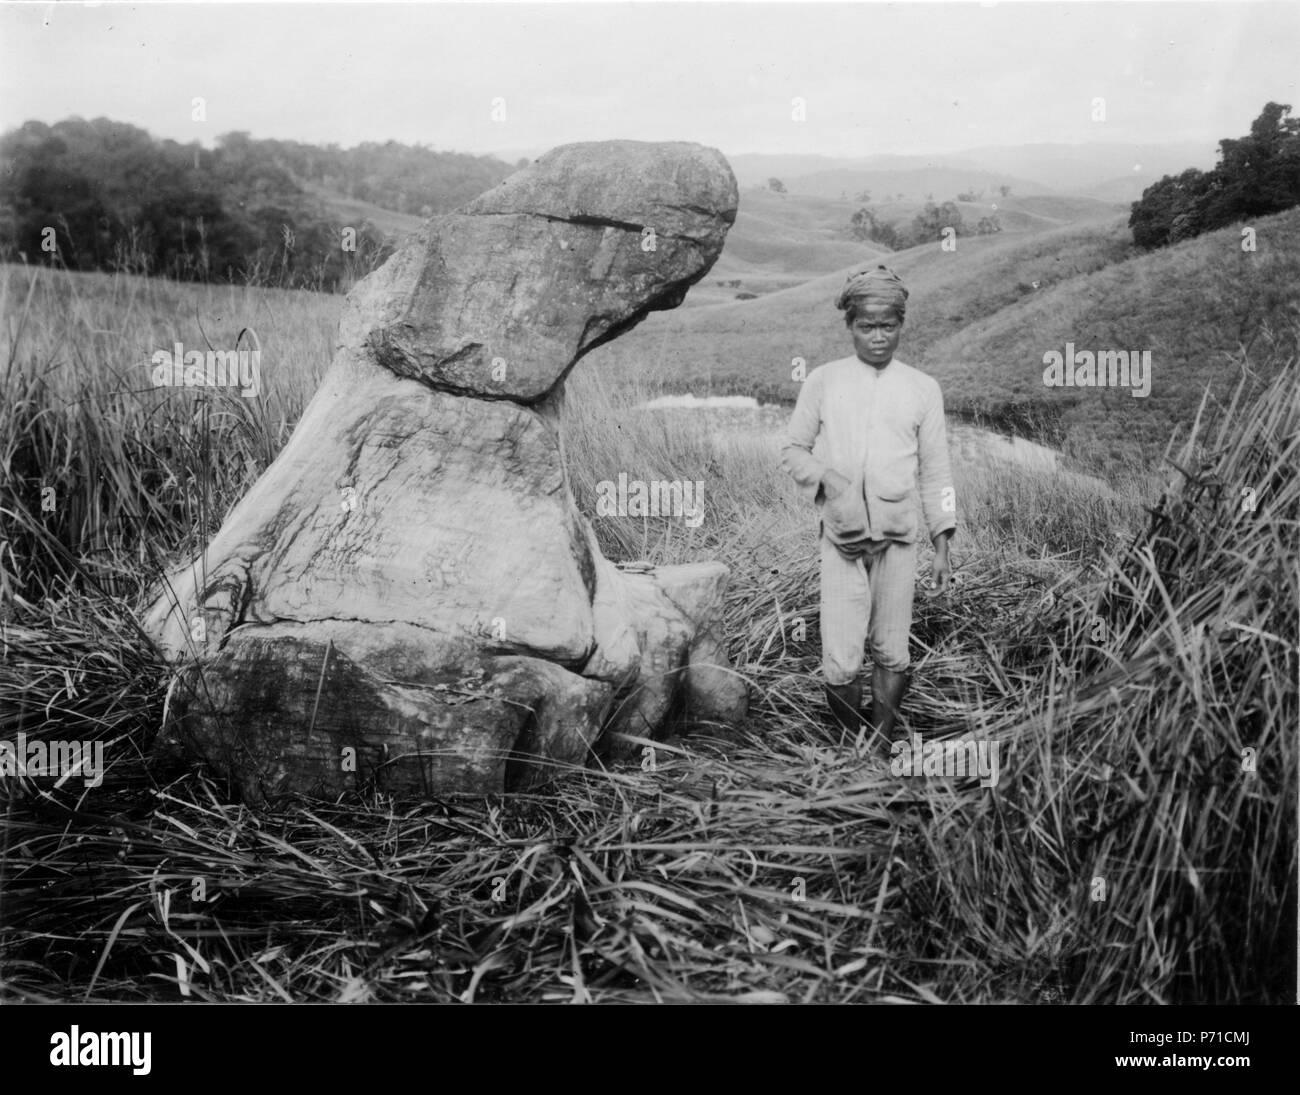 8 Den förstenade människan . Sulawesi. Indonesien - SMVK - 000264 - Stock Image